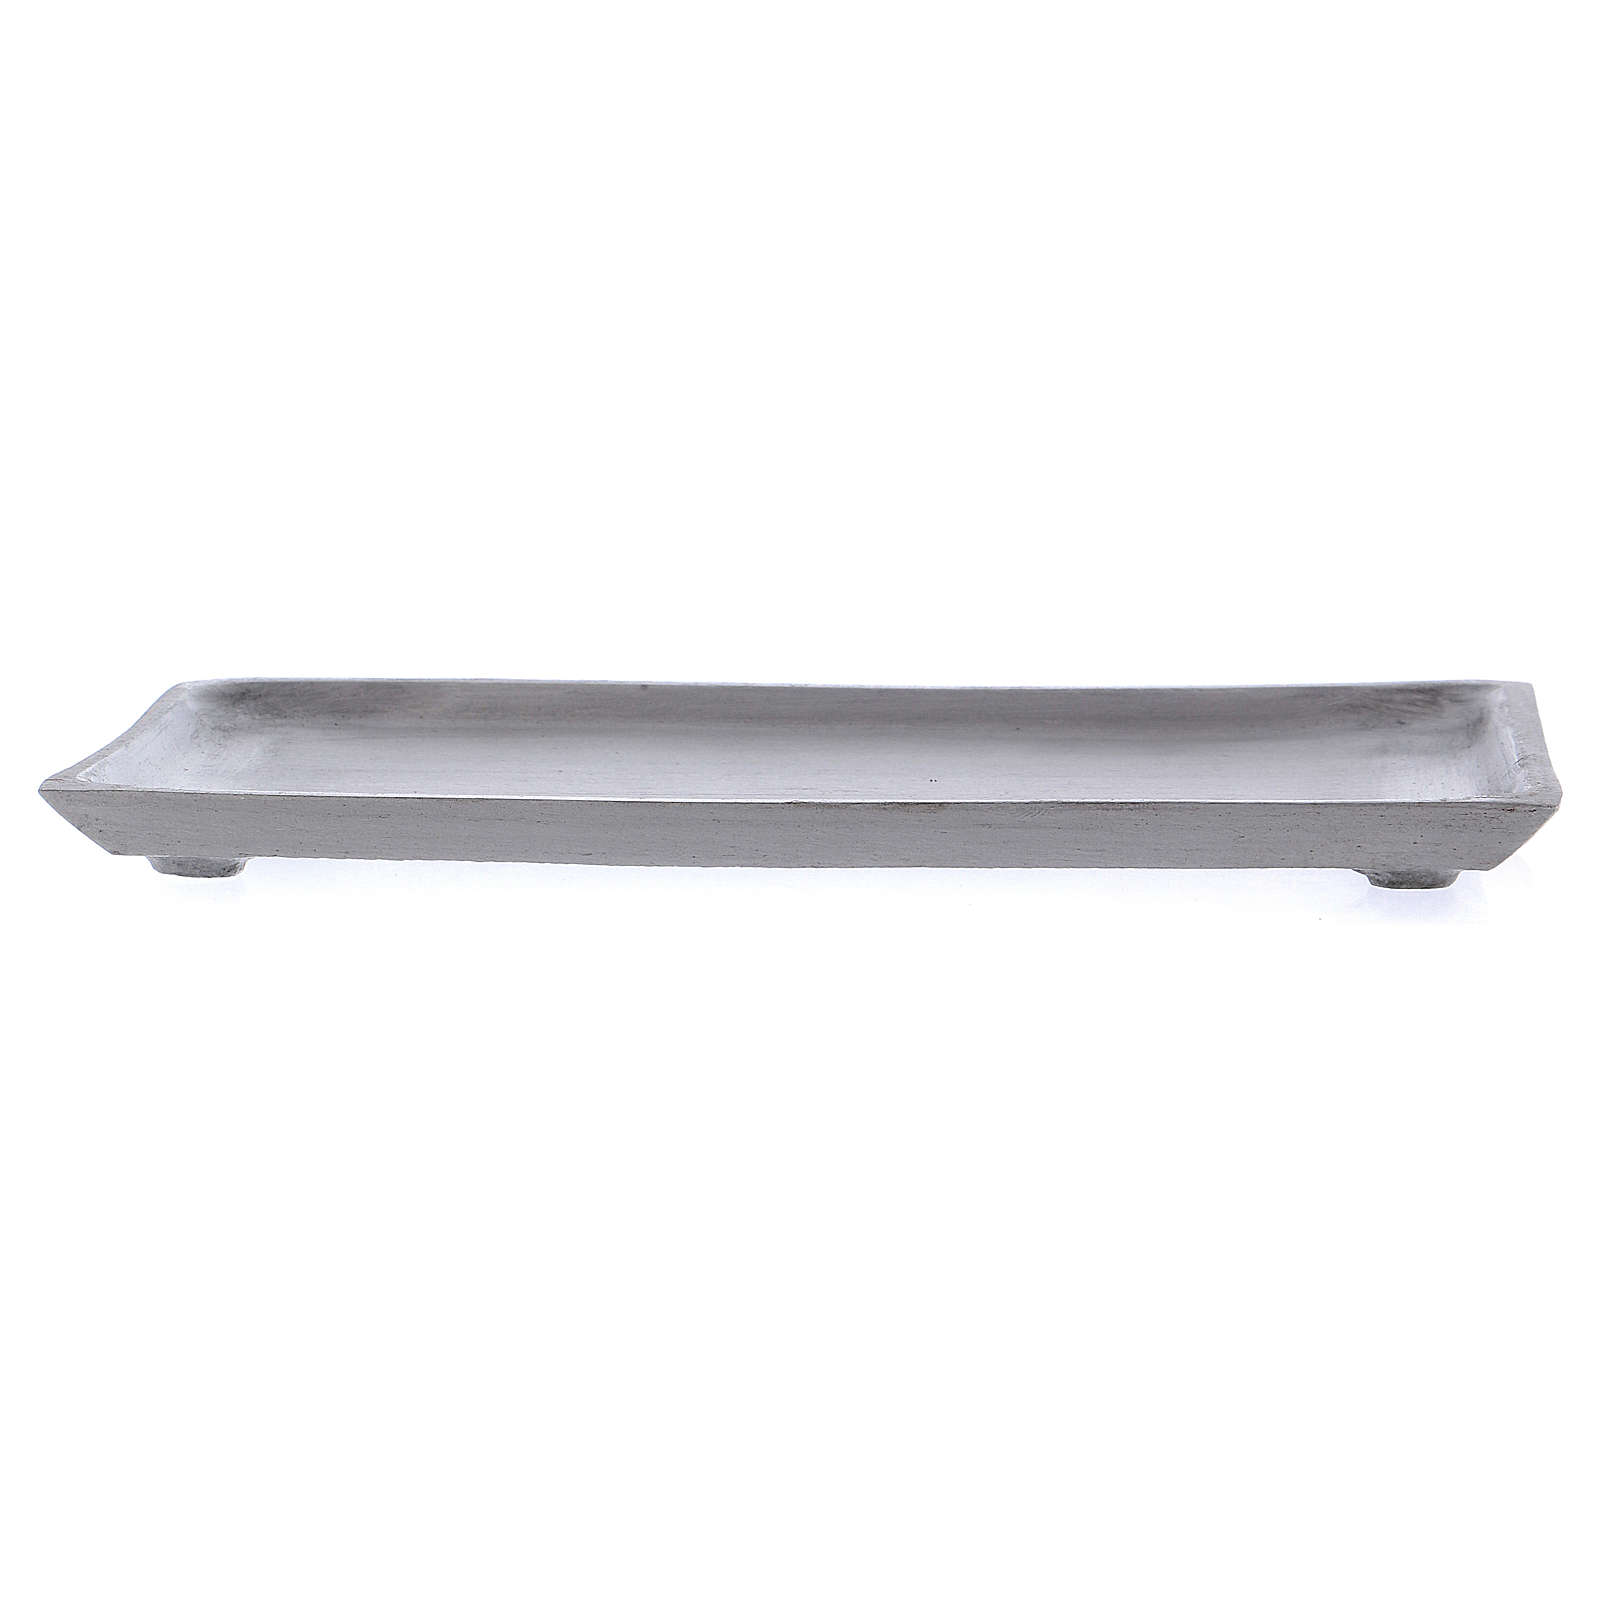 Piattino portacandela rettangolare bordo rialzato argentato 3